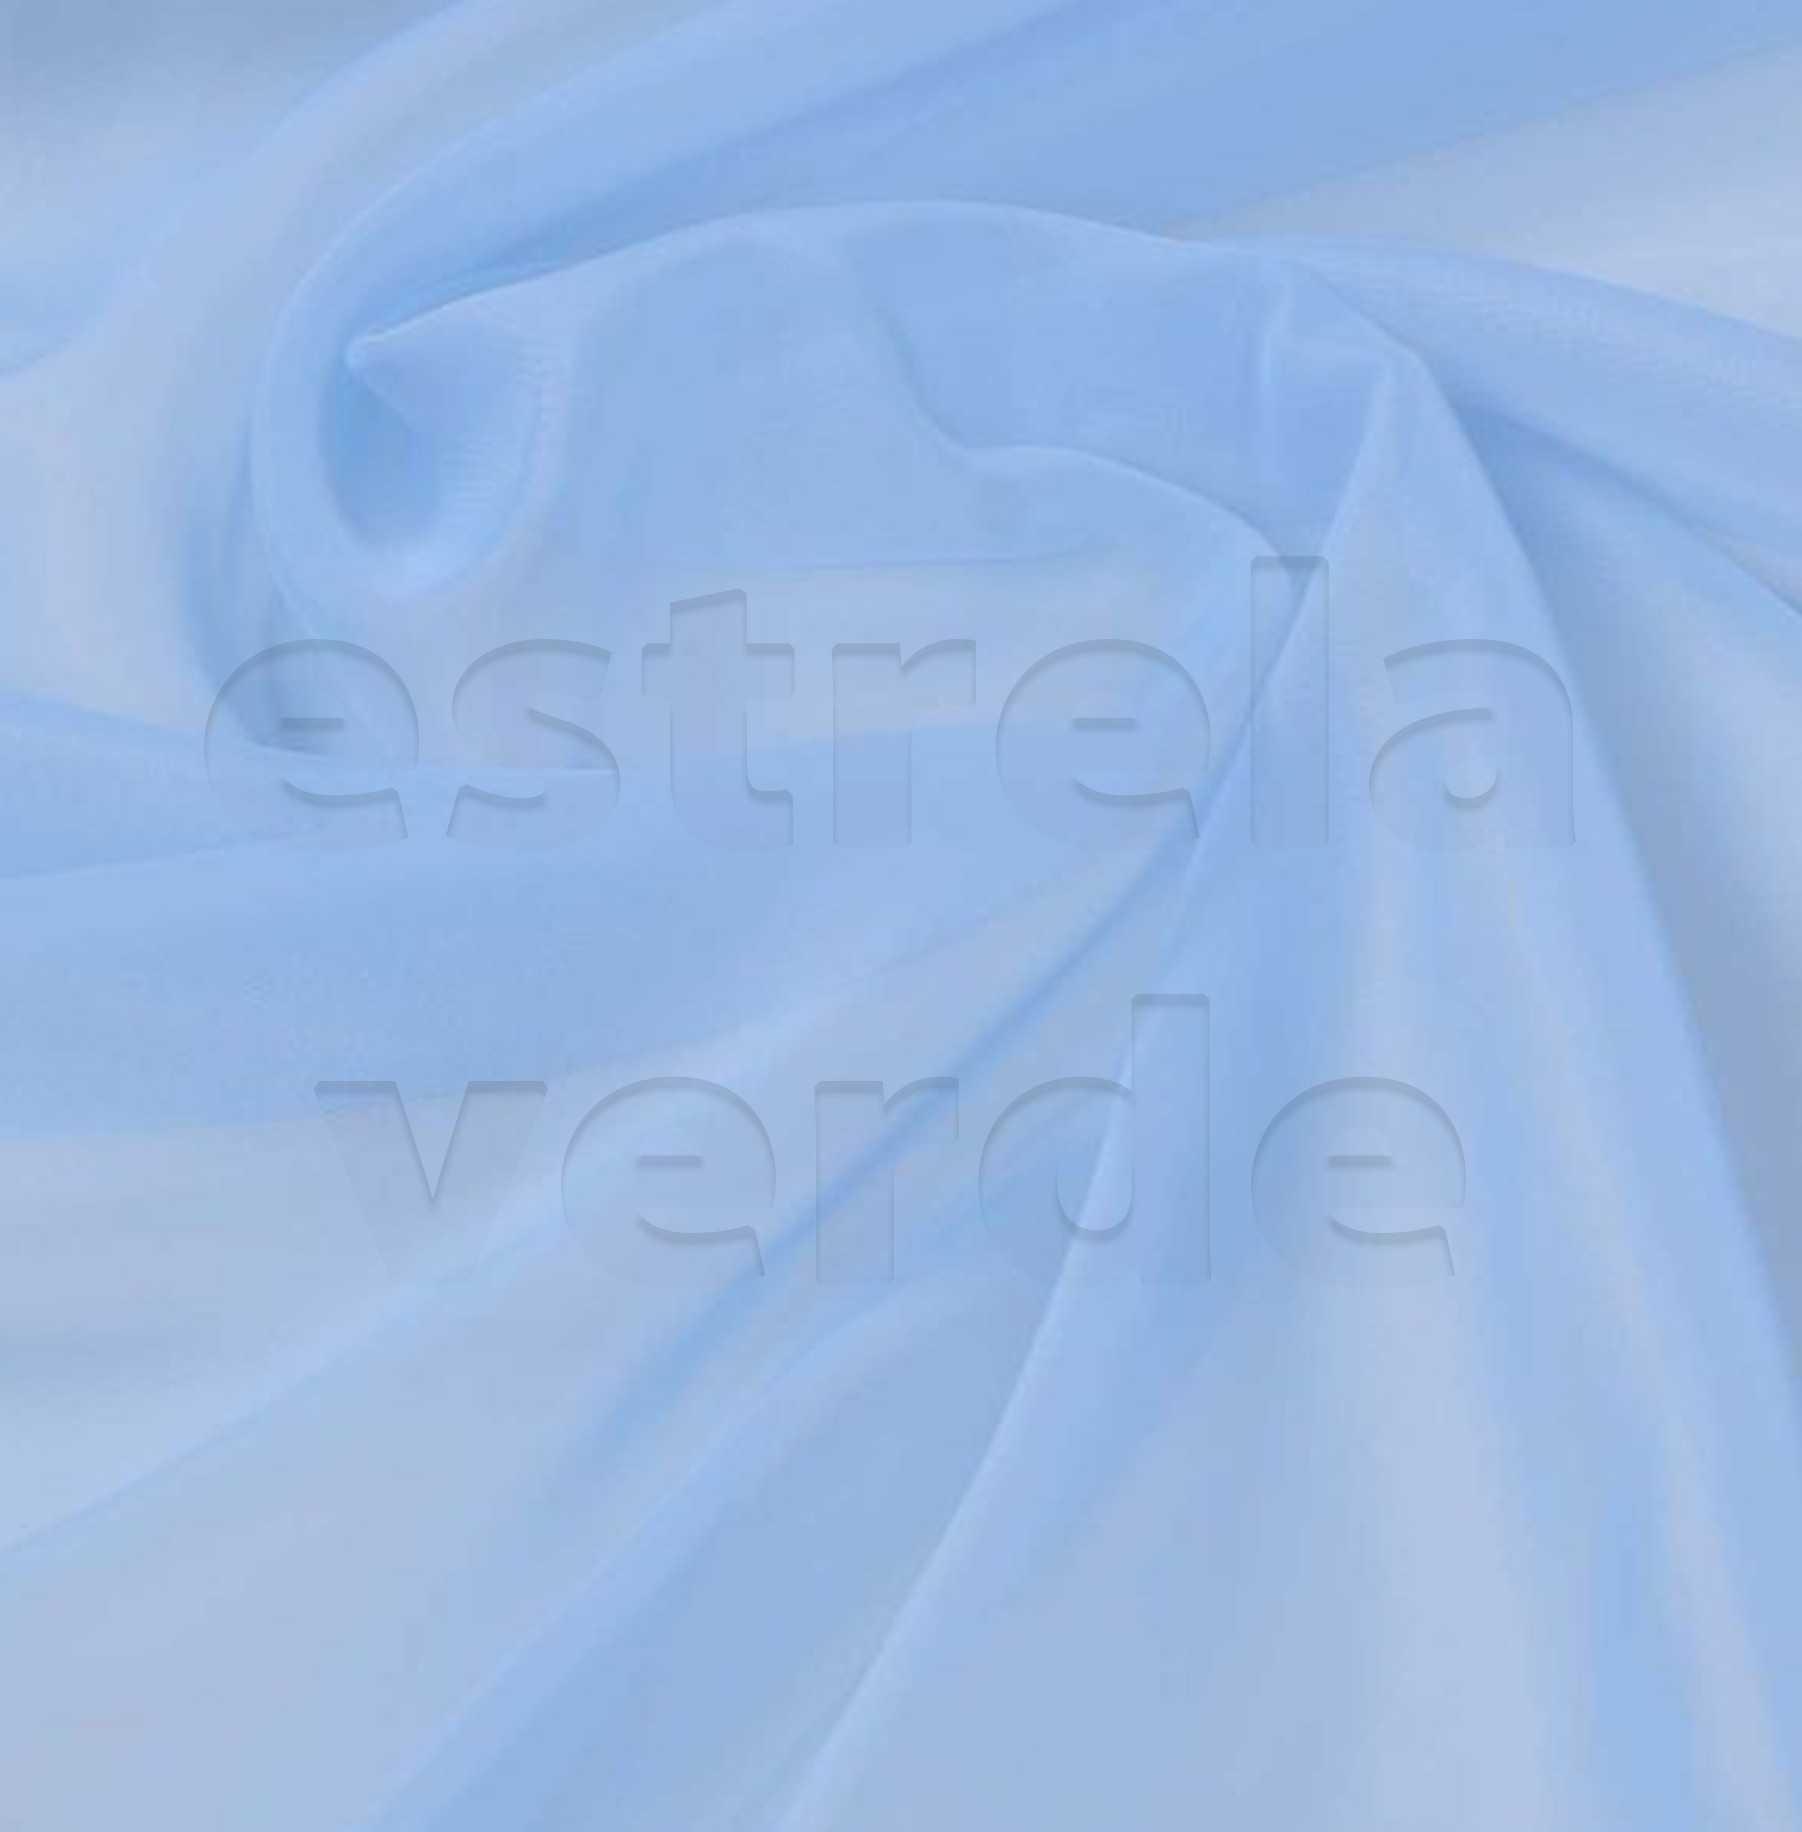 VOIL/VOAL LISO AZUL BEBE 3,00 LARG  - Estrela Verde